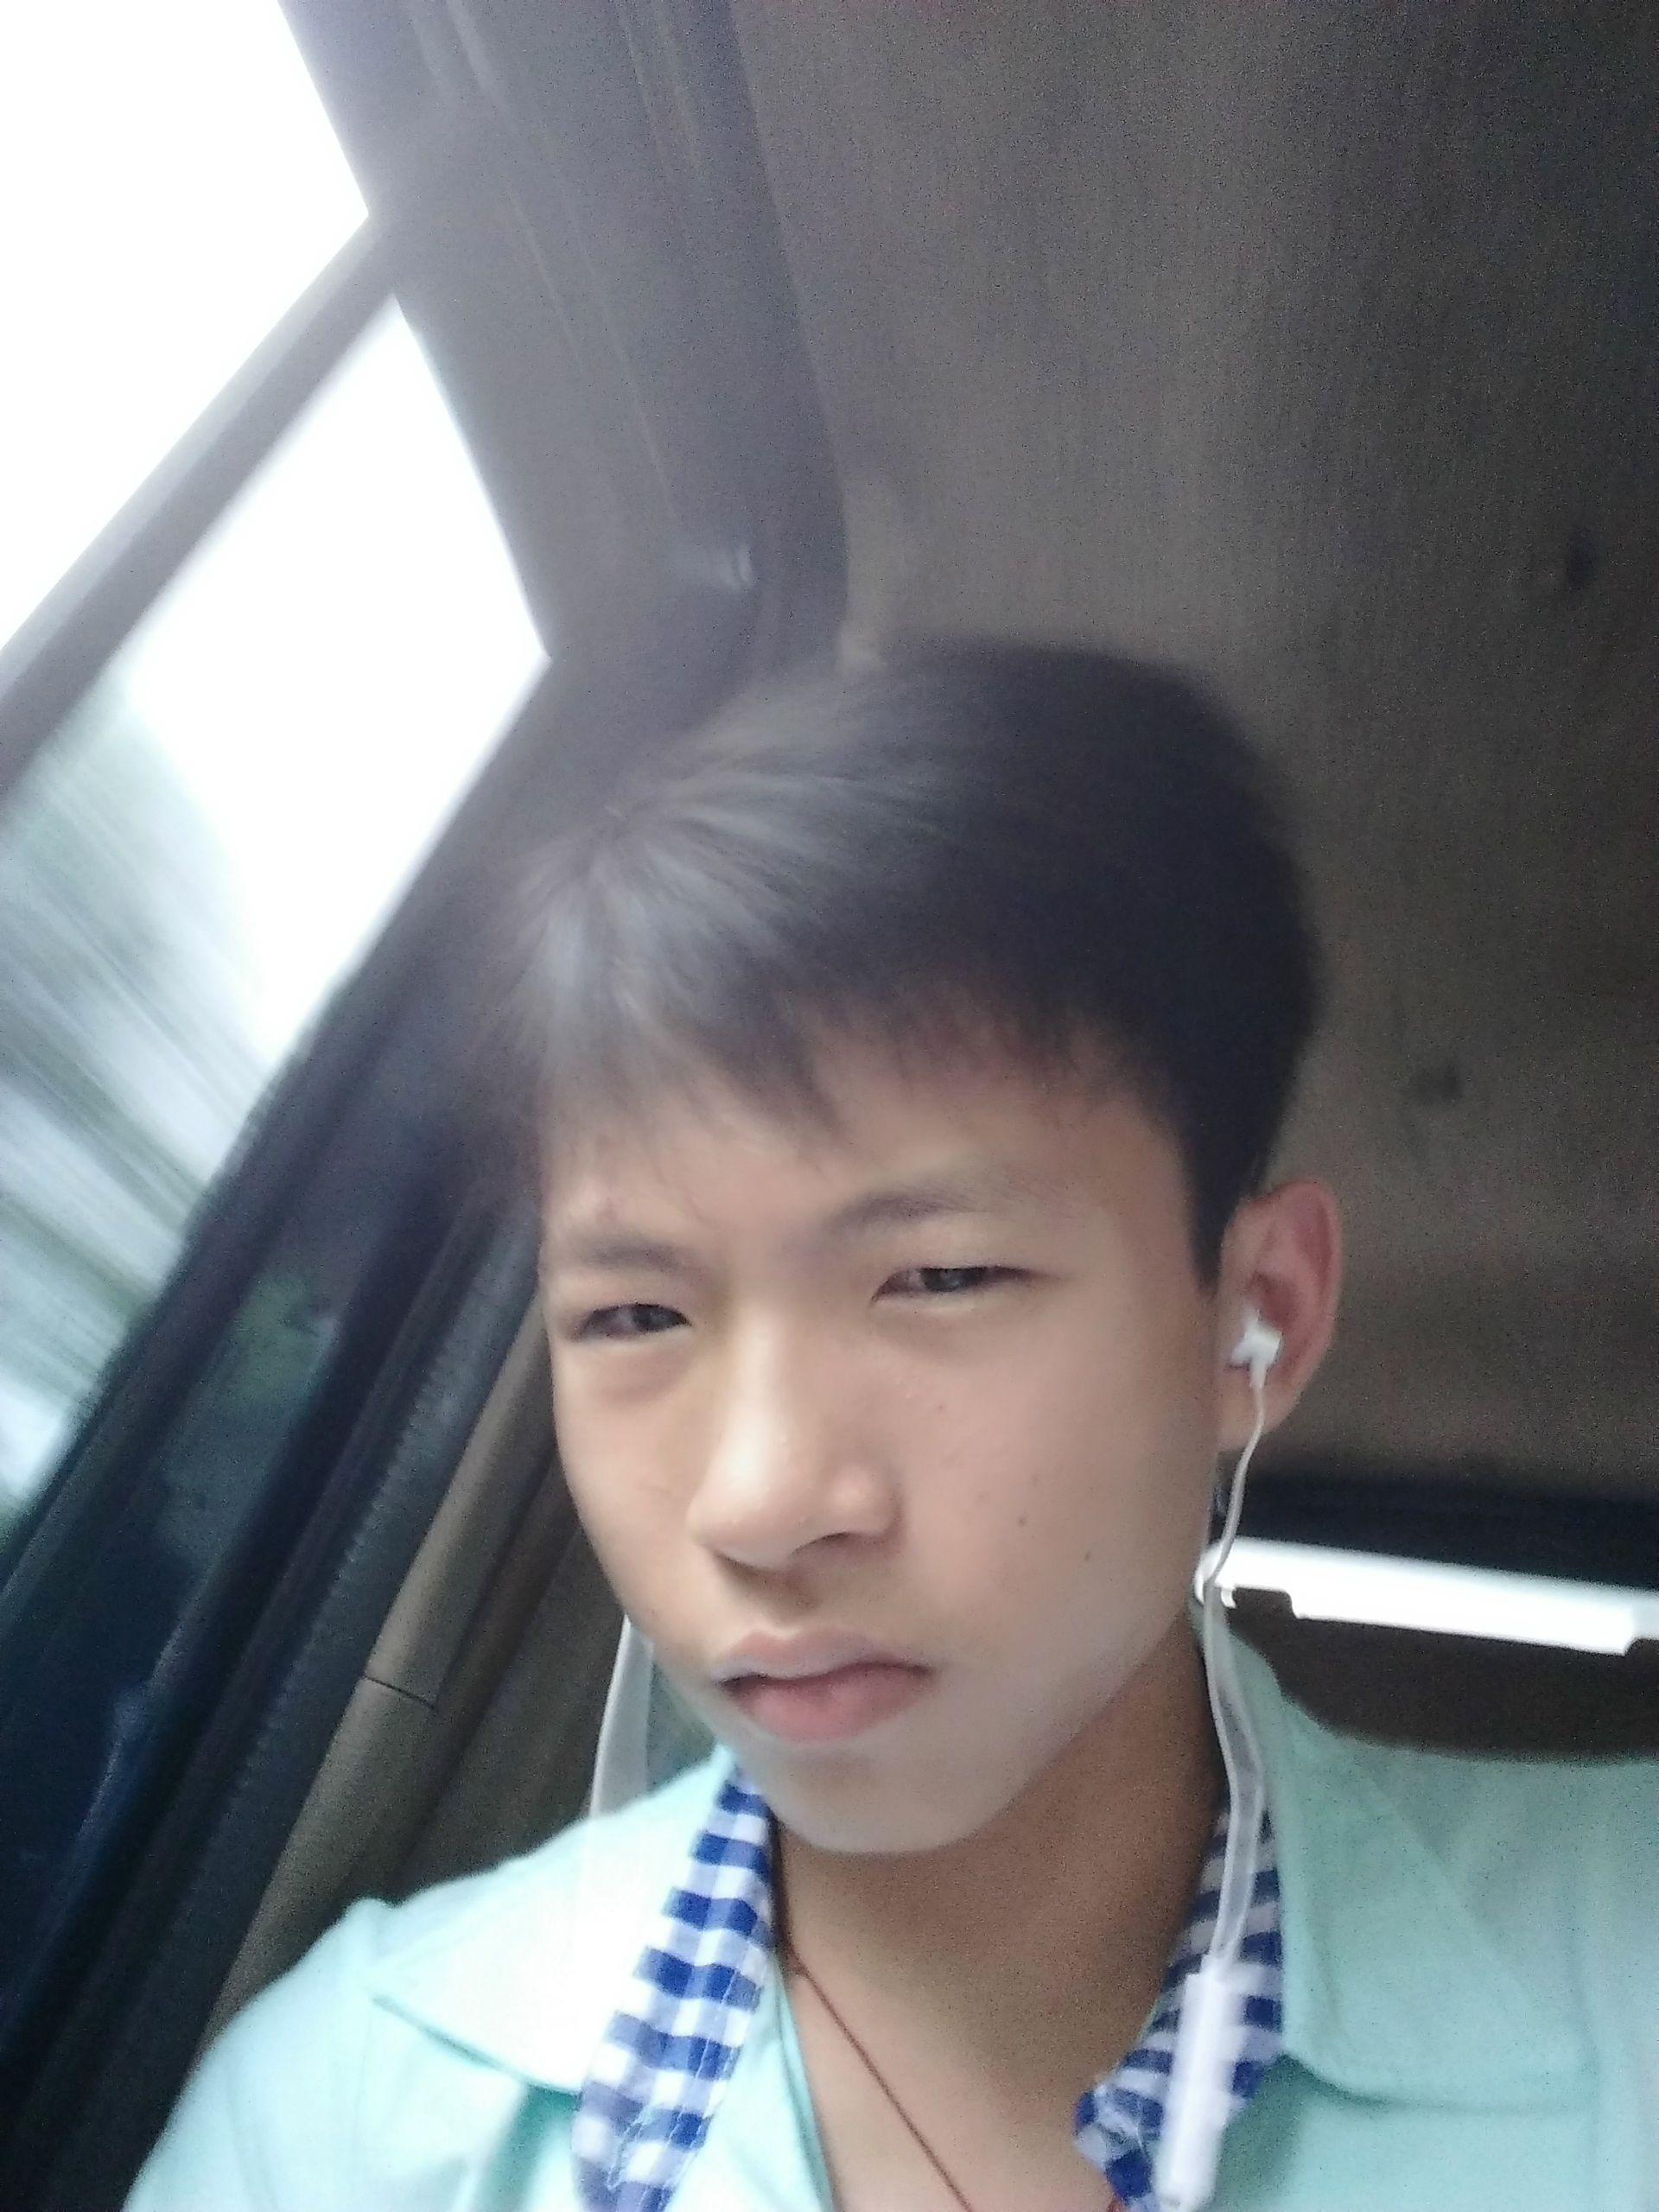 13~14岁男生真人照片_我想要一张14岁男孩照片,谁有?_百度知道